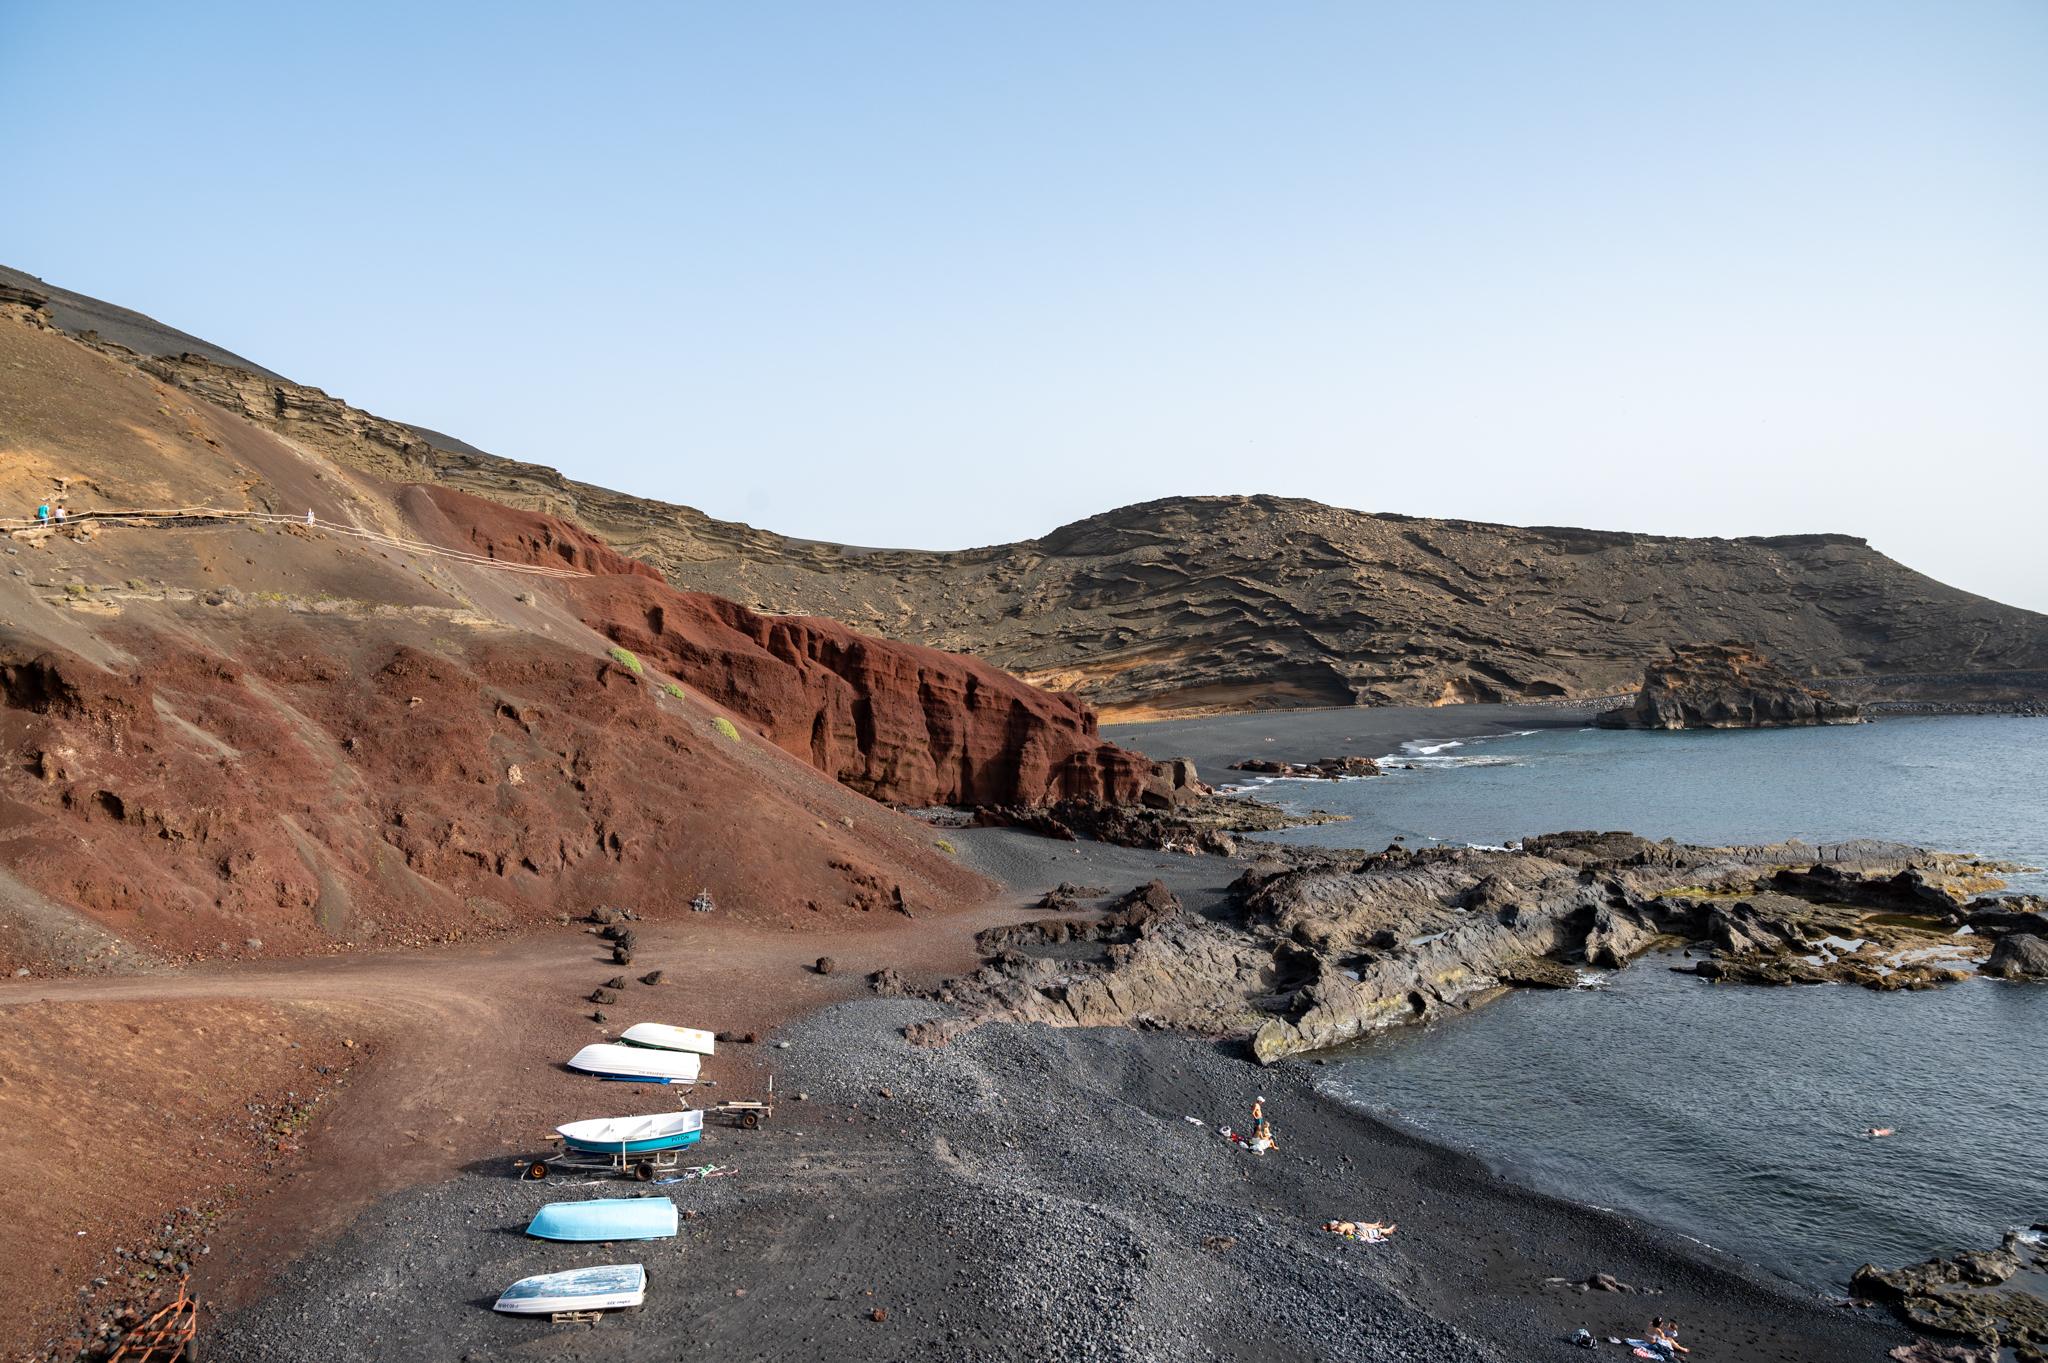 Playa de los Ciclos Lanzarote